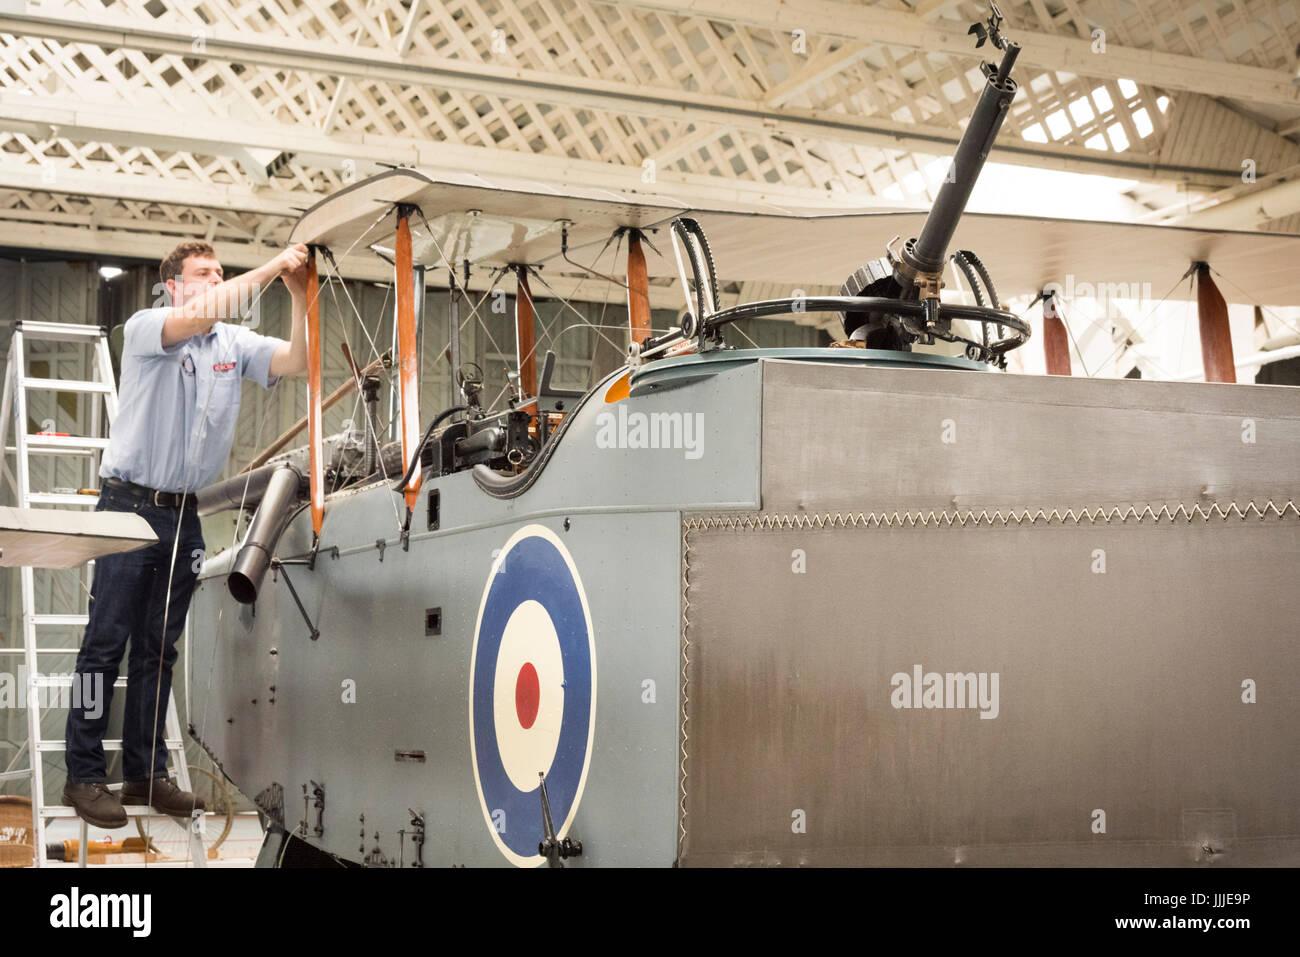 Duxford Cambridgeshire, Großbritannien. 20. Juli 2017. George Taylor arbeitet als Ingenieur auf einem seltenen ersten Weltkrieg De Havilland DH9 Bombenflugzeuge, die wurde vollständig restauriert und ist nun montiert wird für die Anzeige und Flug im Imperial War Museum. Das Flugzeug ist 100 Jahre alt, am 100. Jahrestag des Imperial War Museum in einem WW1-Bügel montiert. Das Flugzeug ist das einzige in Großbritannien und restauriert wurde, nachdem er in einen Elefanten stabil am Palast von Bikaner, Rajasthan, Indien gefunden. Bildnachweis: Julian Eales/Alamy Live-Nachrichten Stockfoto